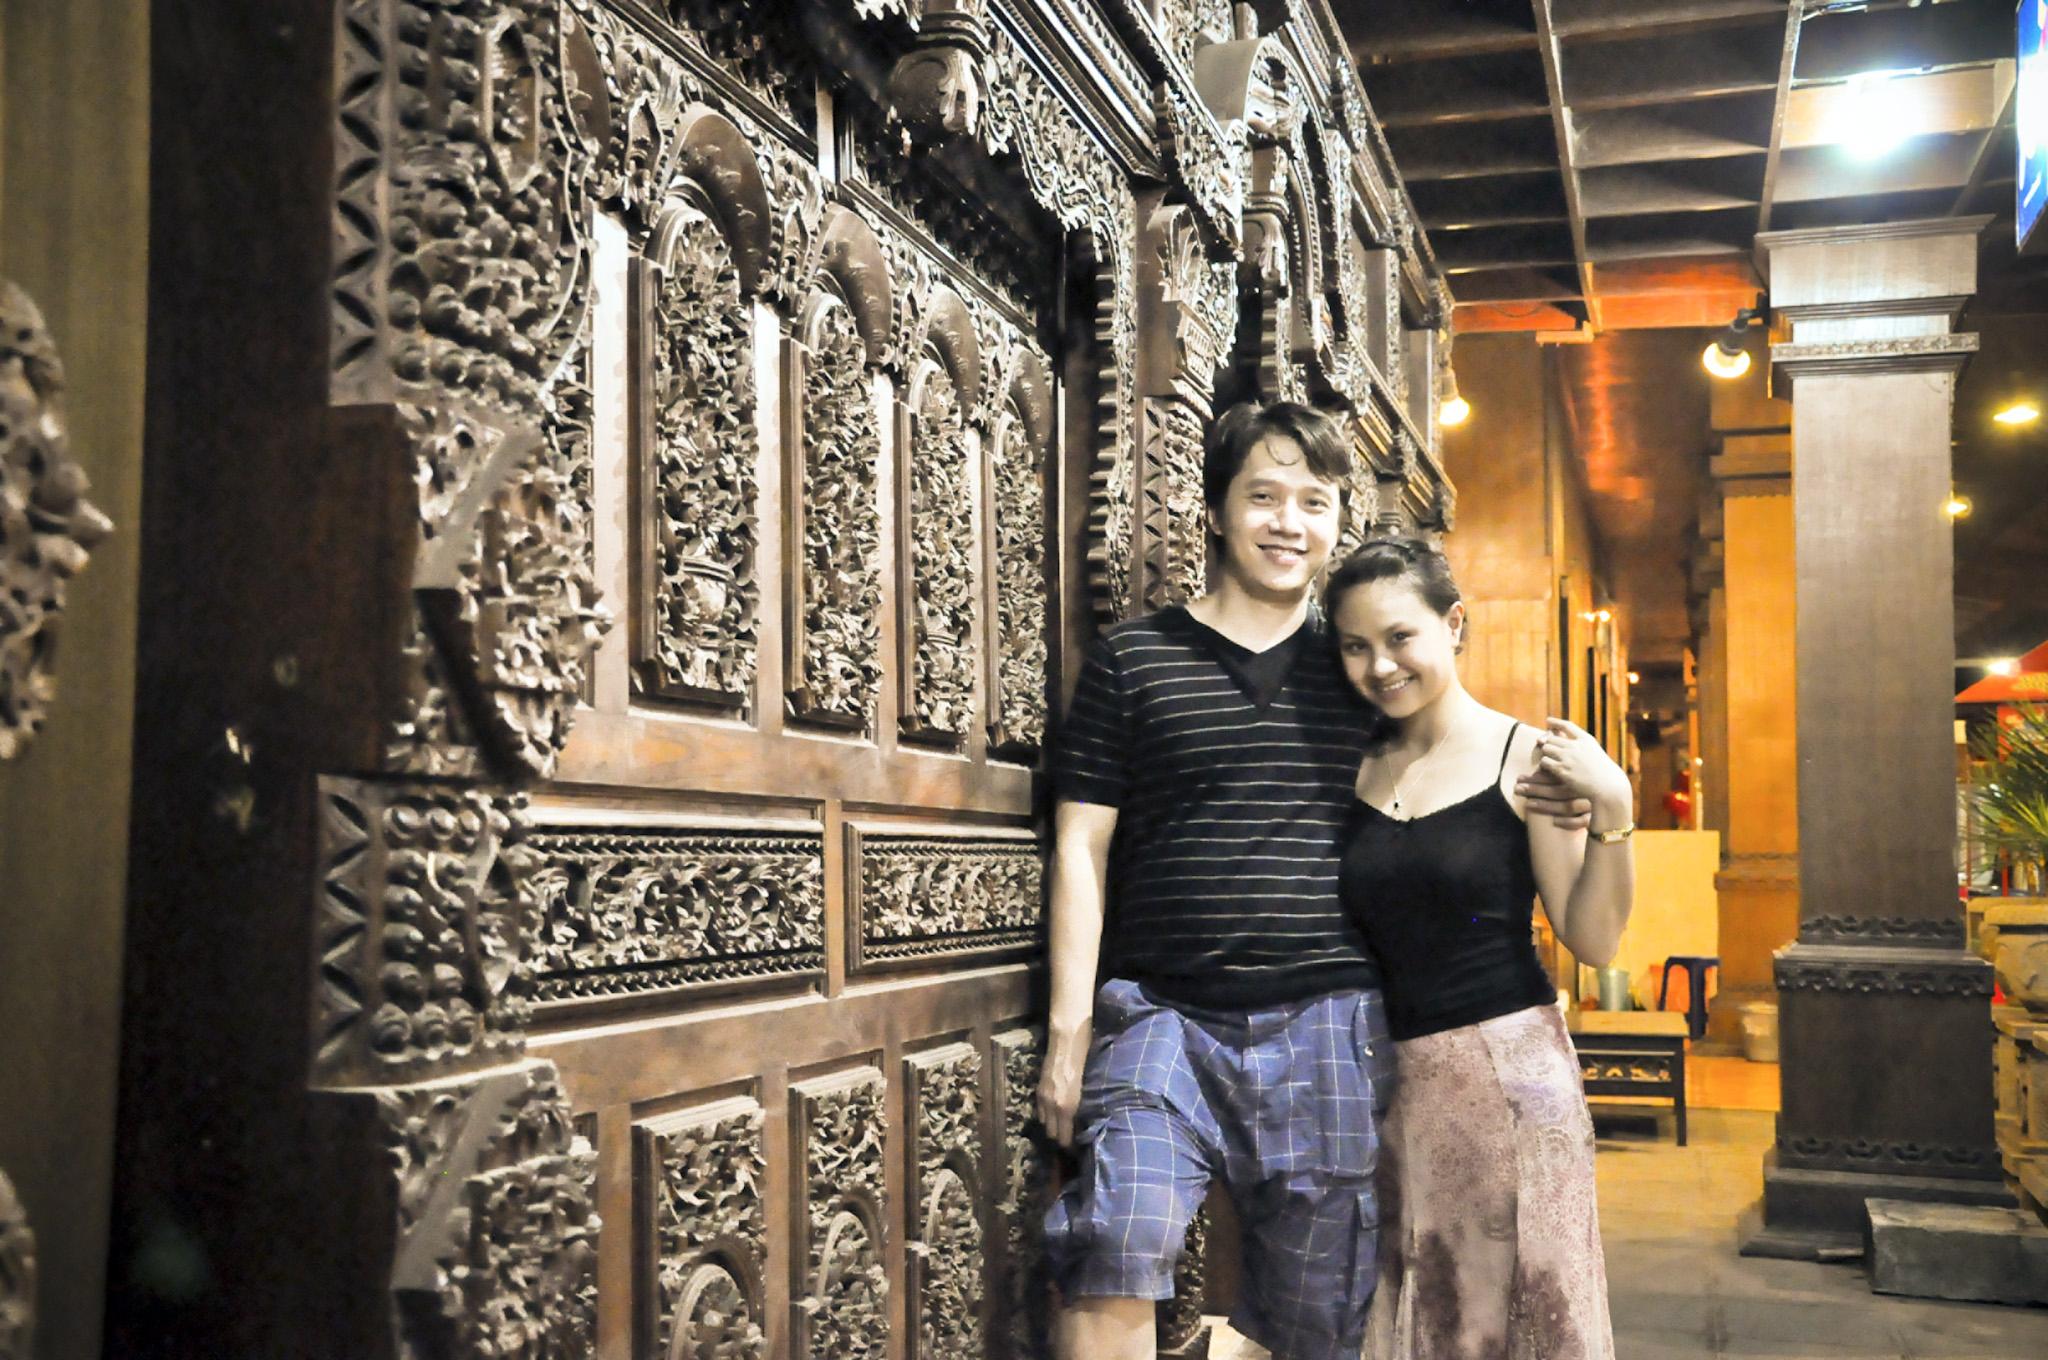 Bali Nov '11 no.002